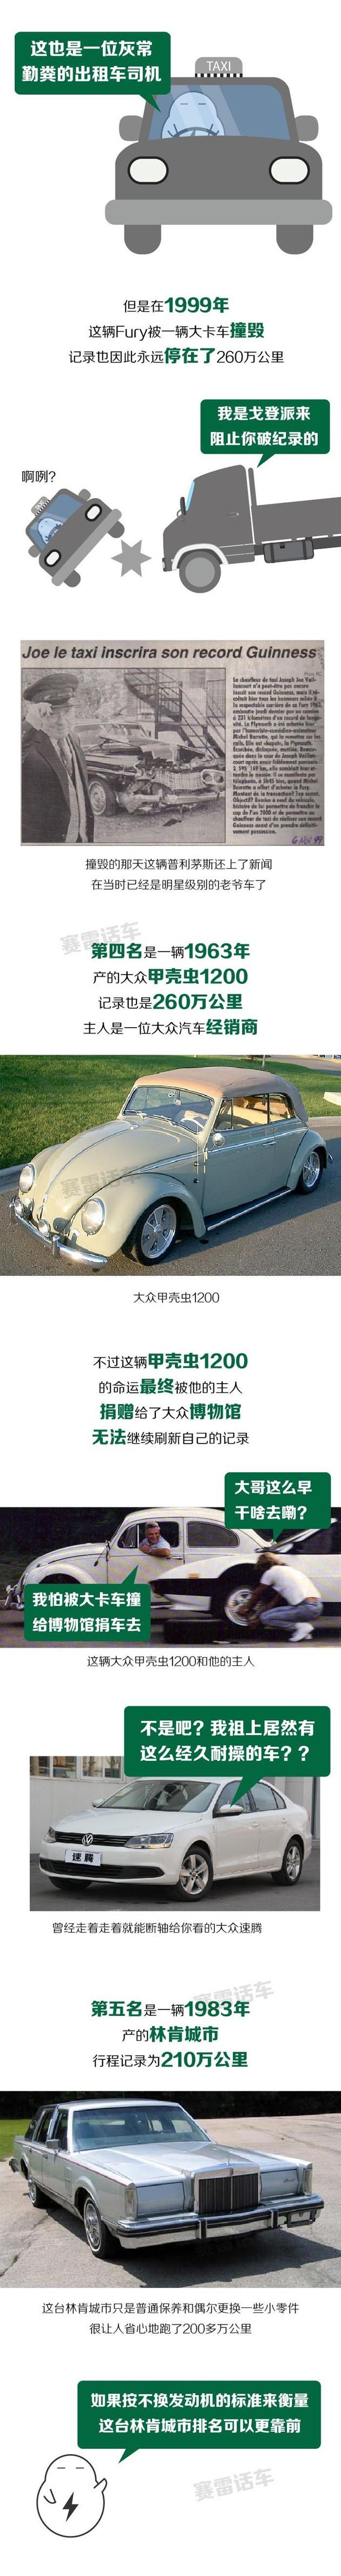 彩世界北京pk手机版 4